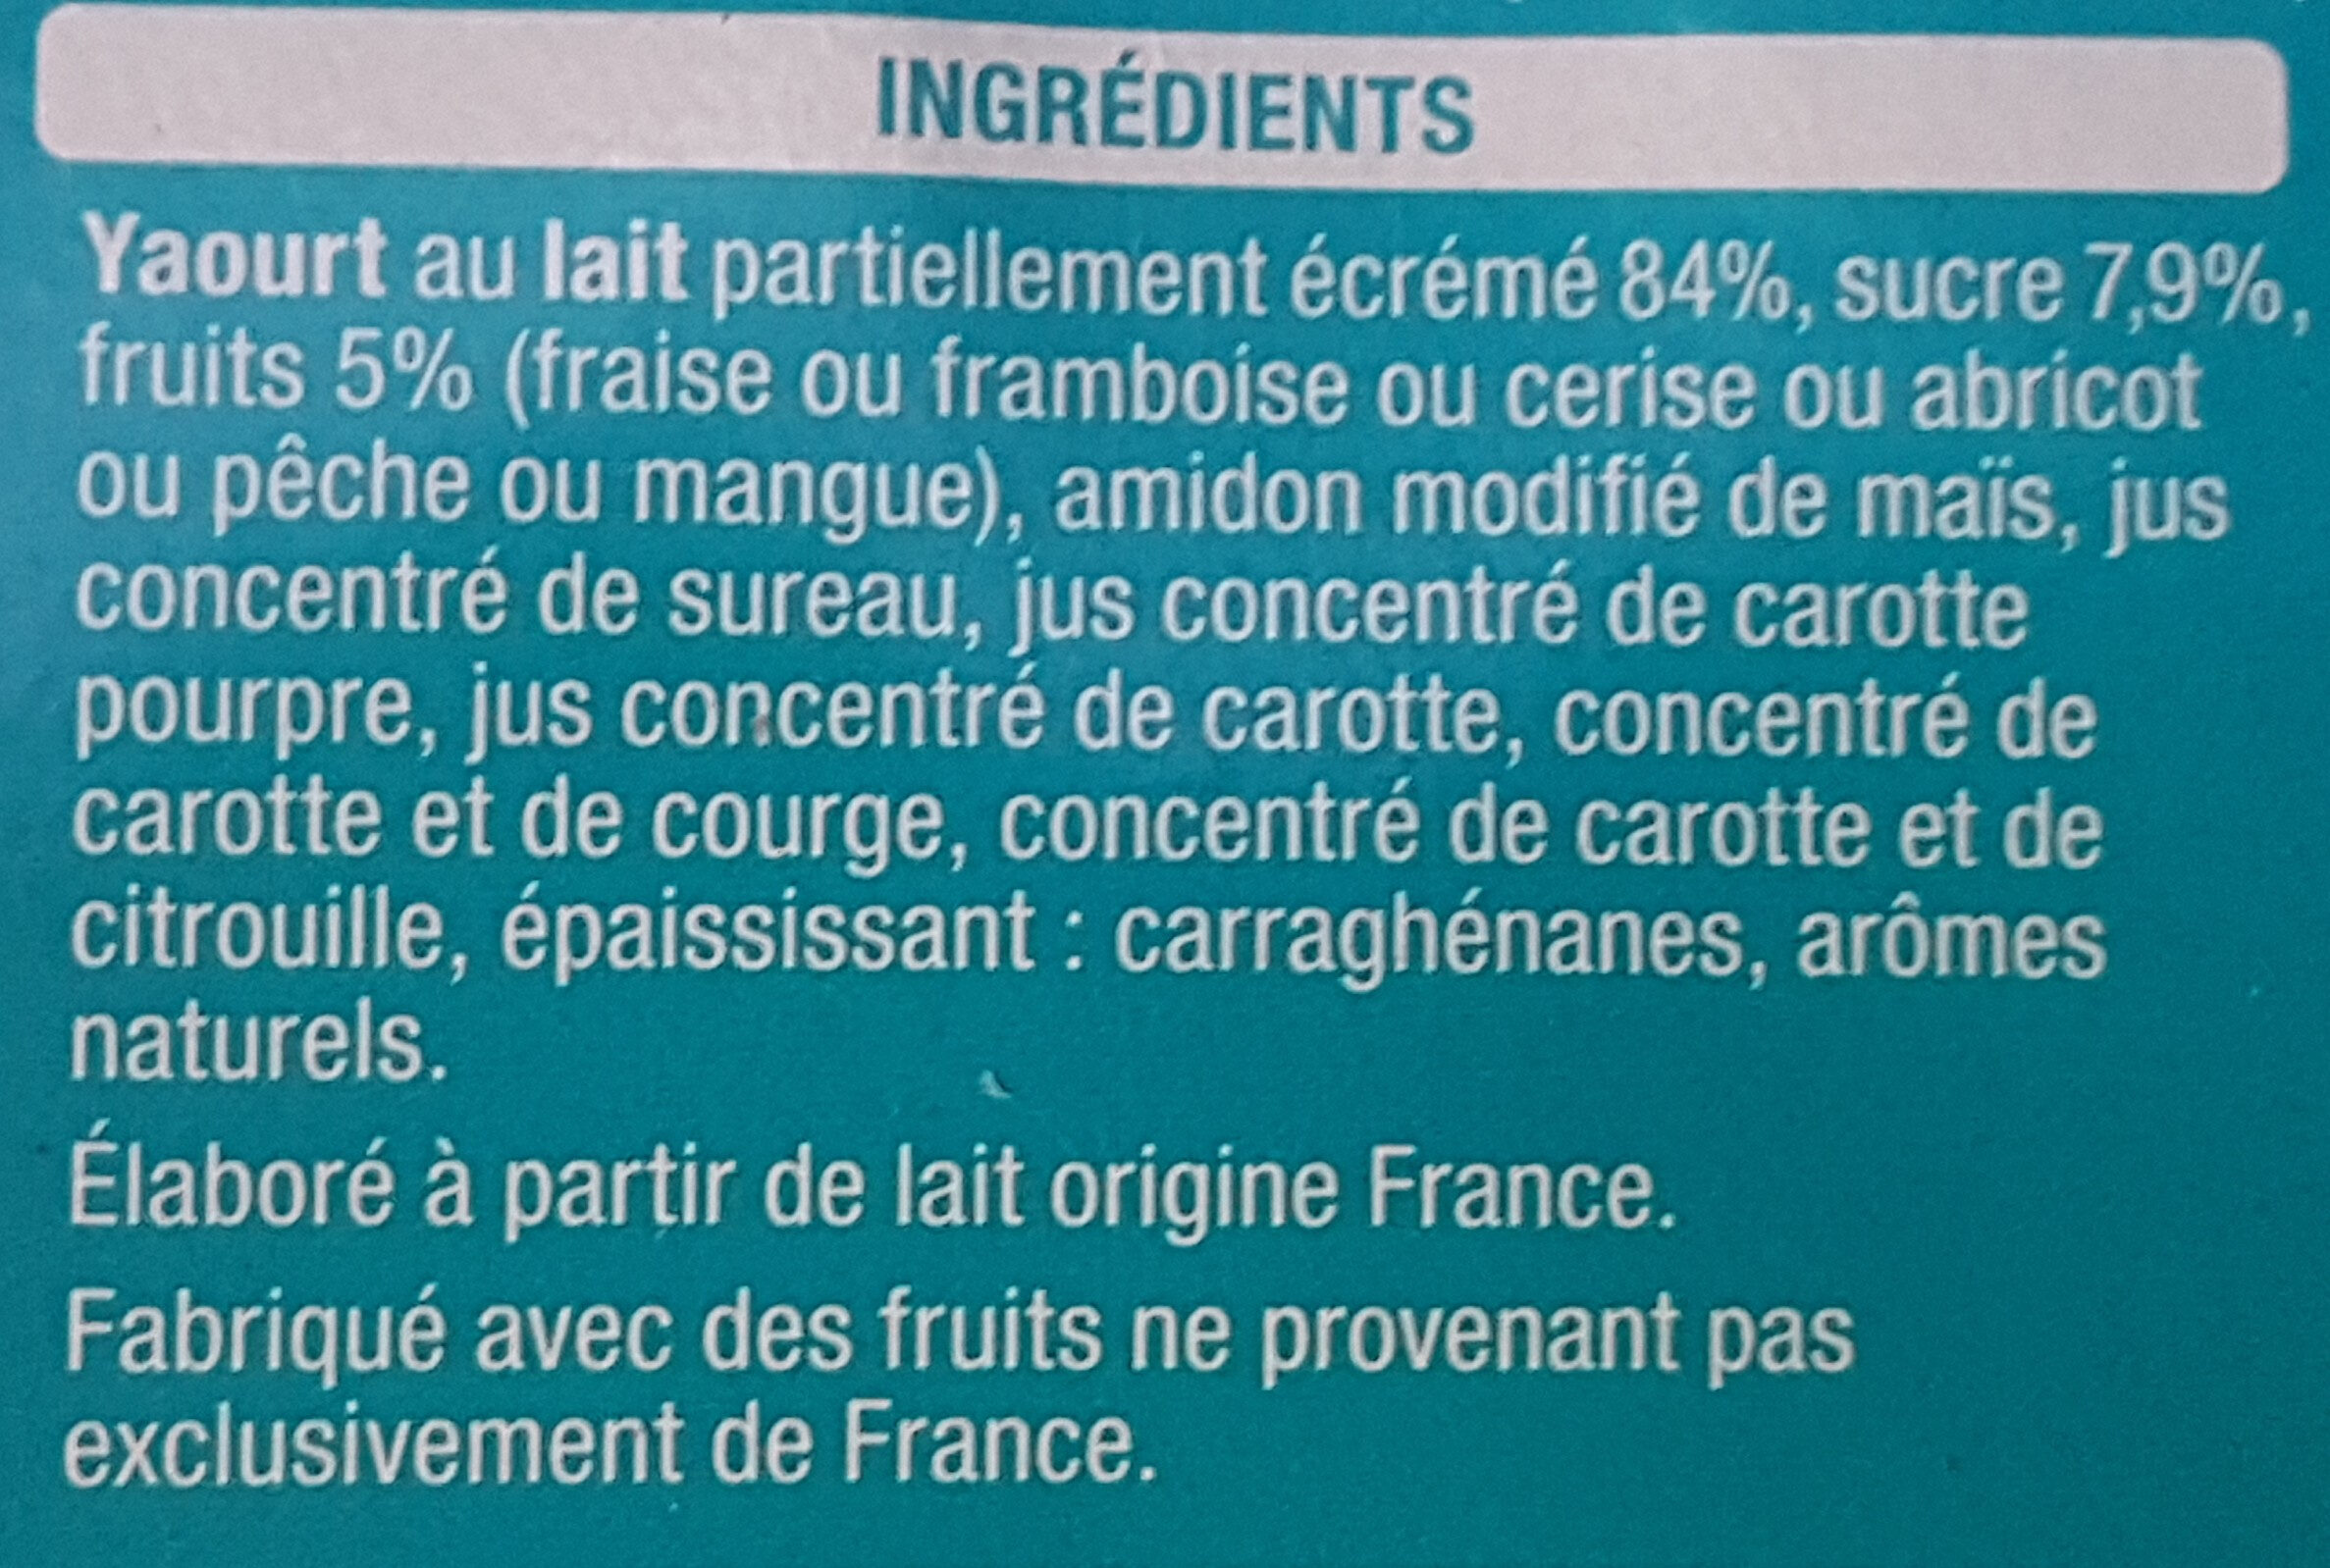 Les mixés - 6 saveur sans morceaux - Ingrédients - fr